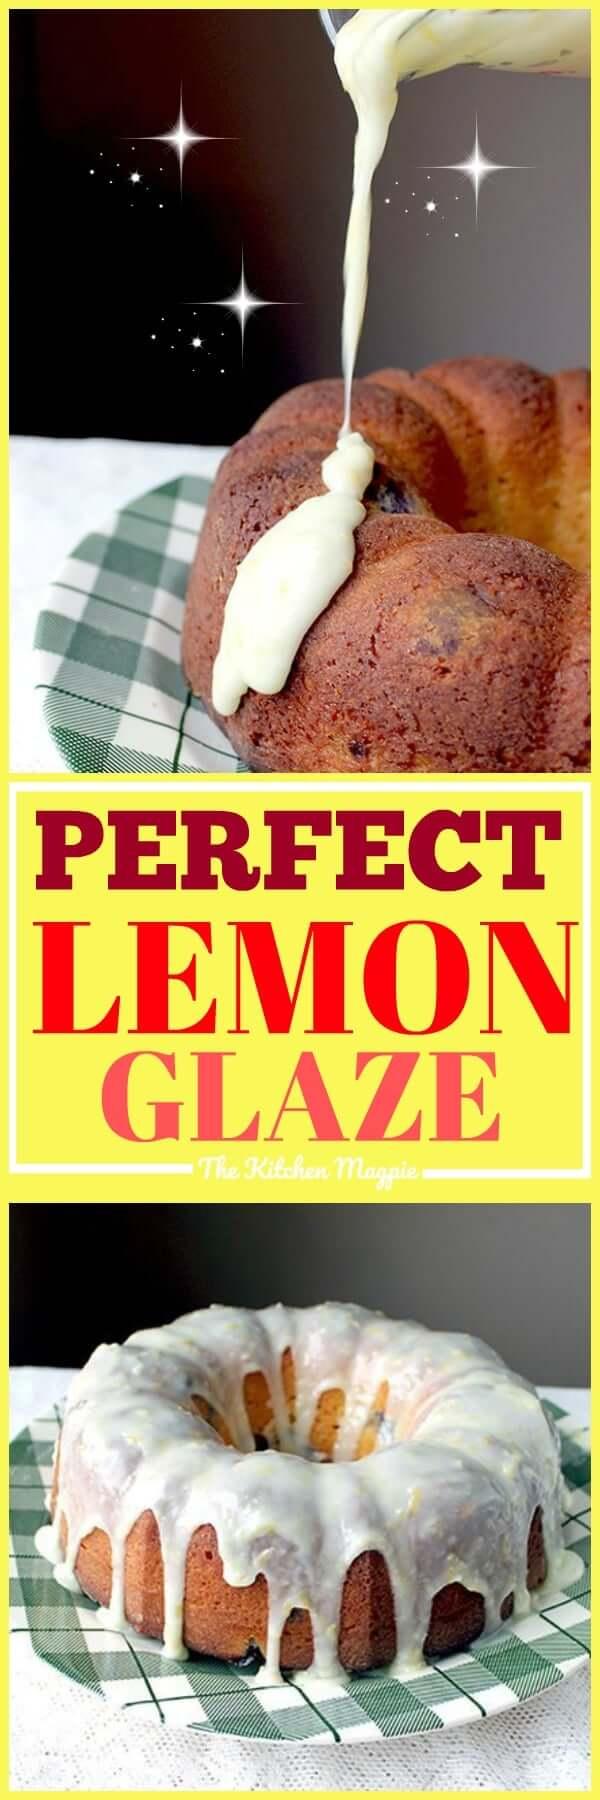 lemonicingglaze How to Make a Lemon Icing Glaze